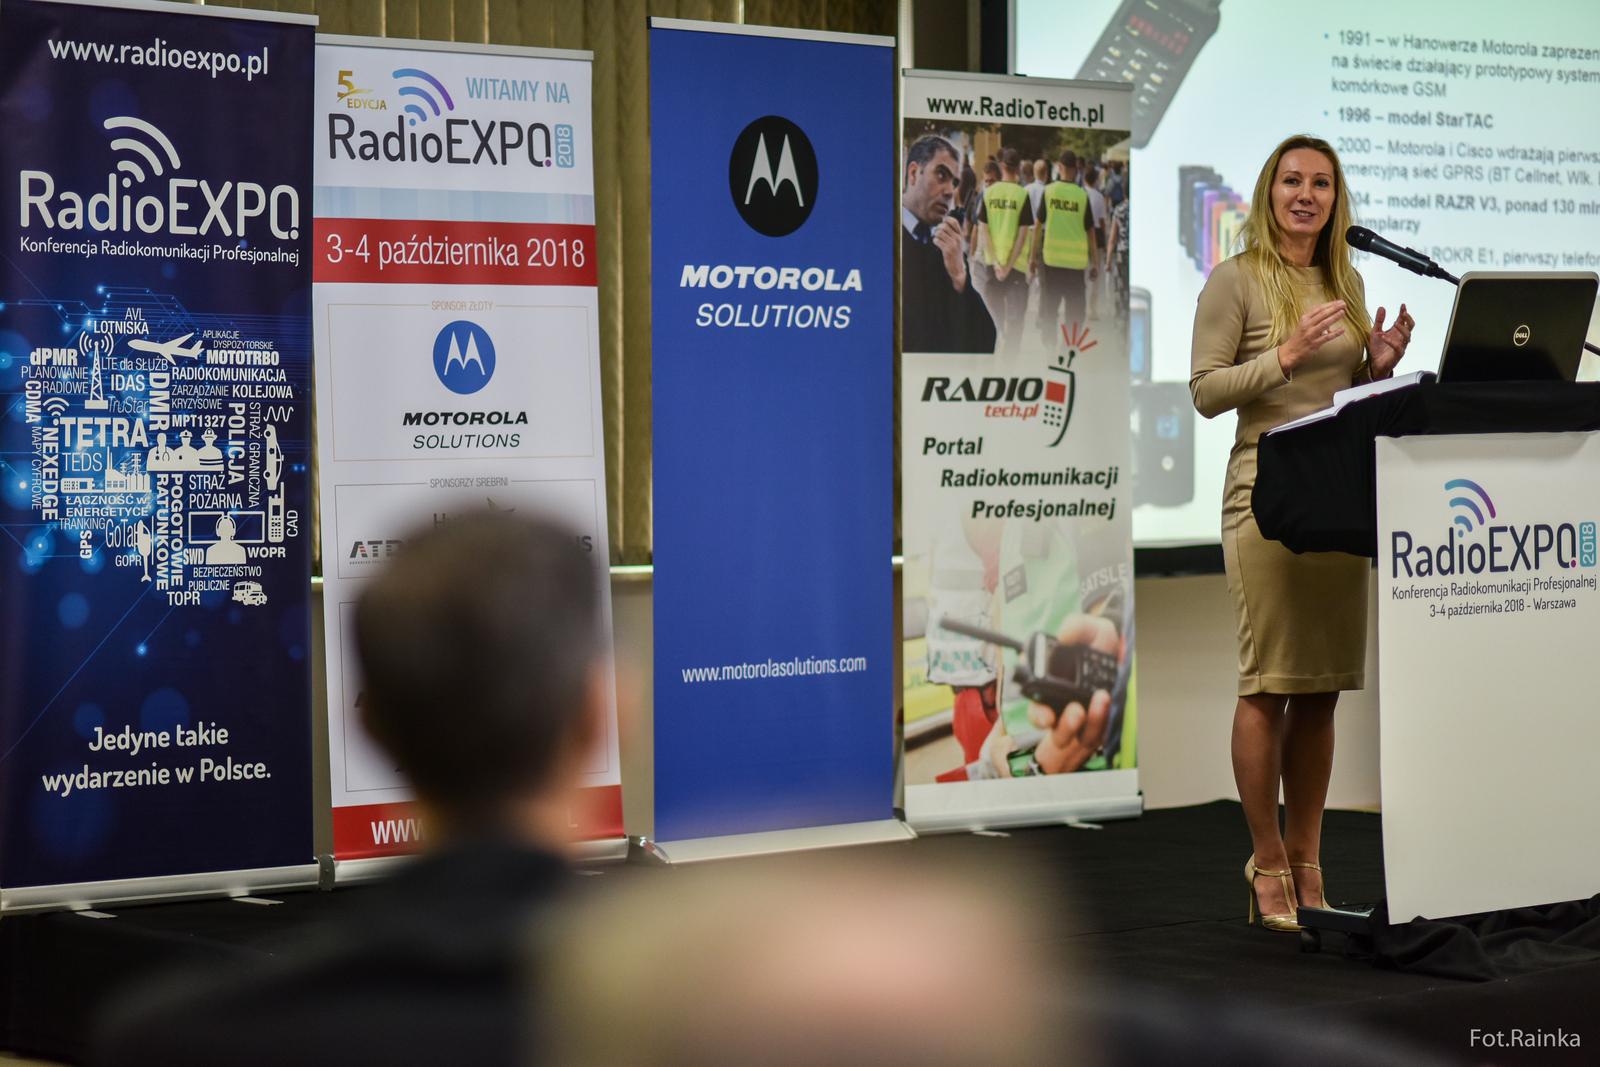 Magdalena-Potejko-Motorola-Solutions-RadioEXPO-2018-prezentacja